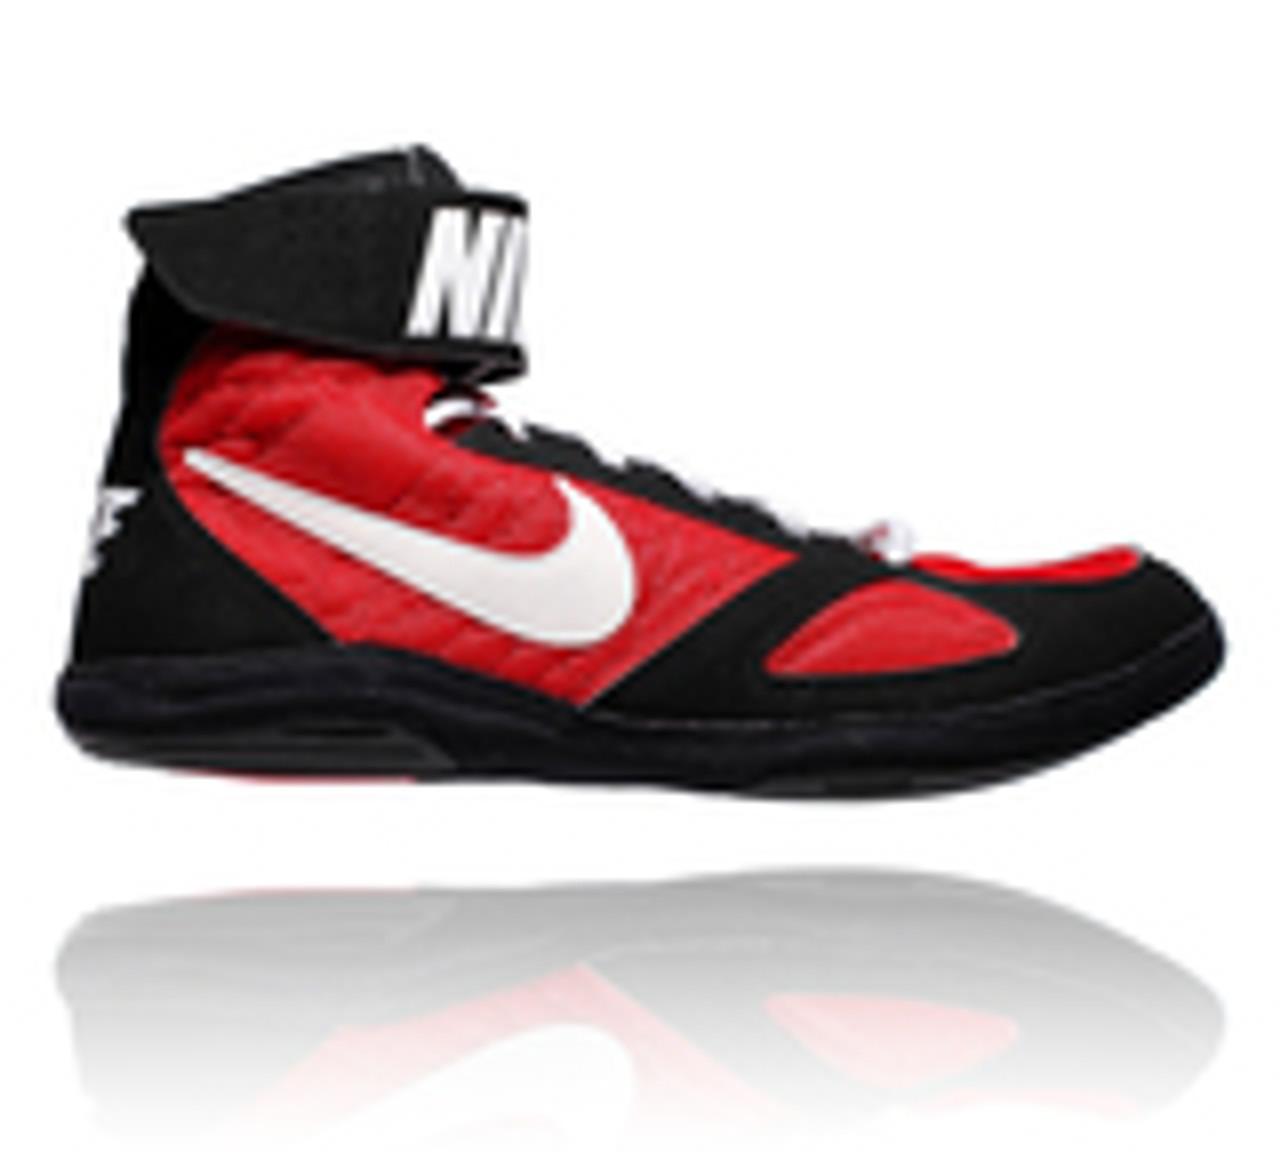 fiabilidad Abastecer ventilación  Nike Takedown 4 Black / Red